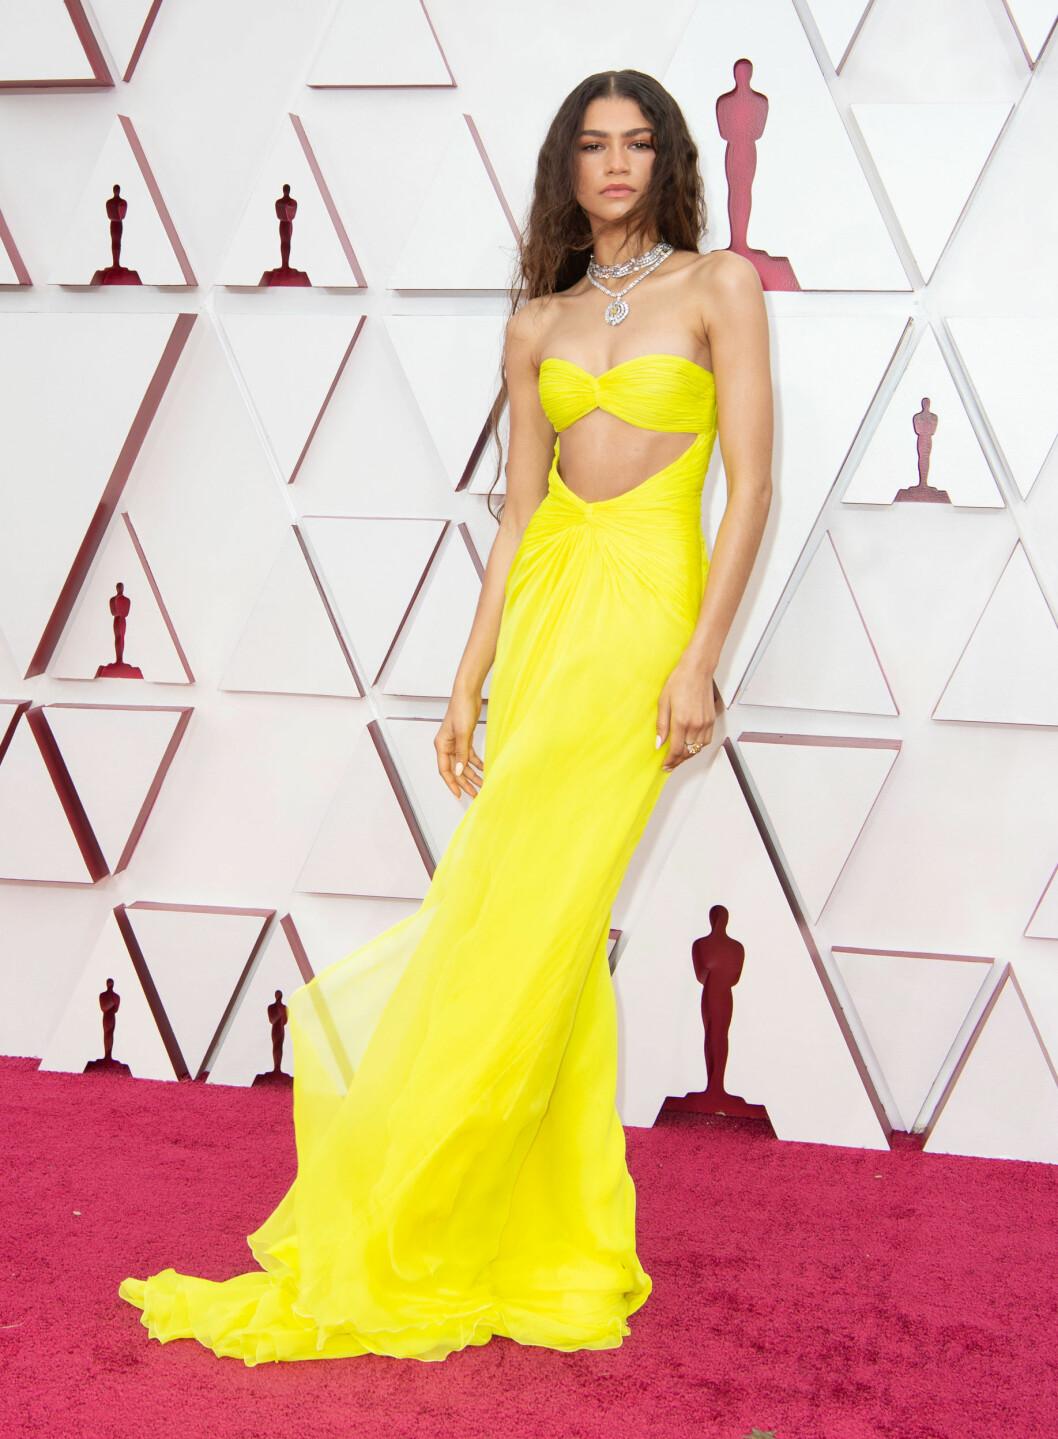 Zedanya i en gul klänning inspirerad av Cher